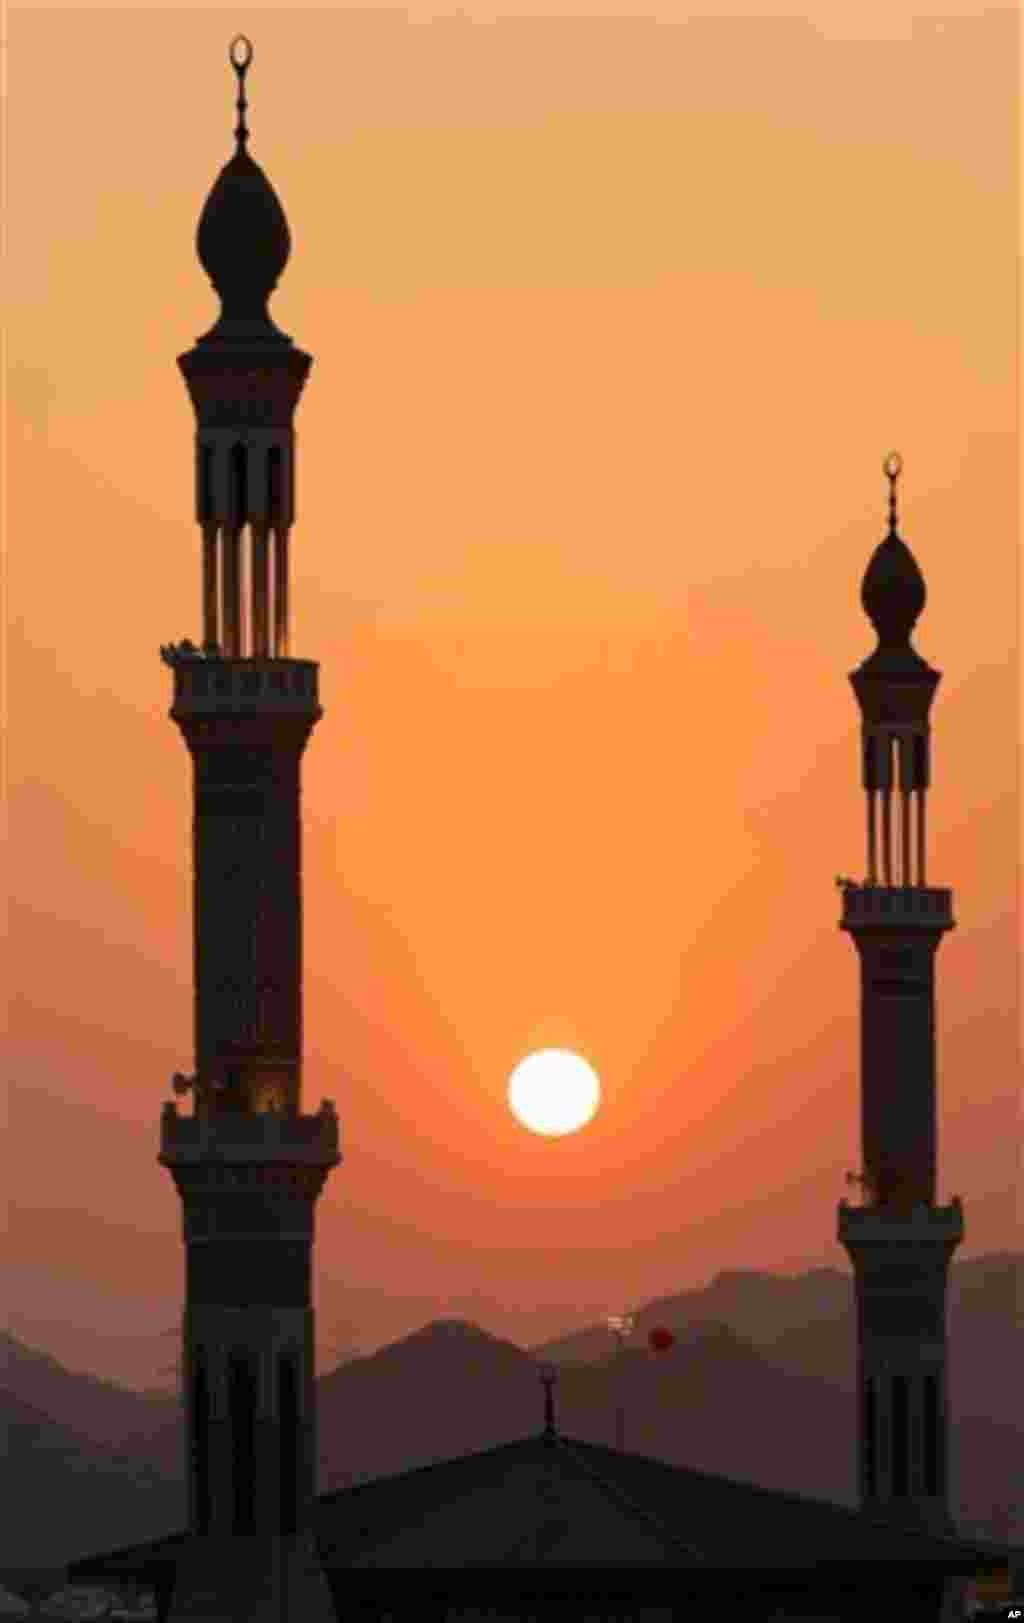 Les minarets de la Mosquée Namira